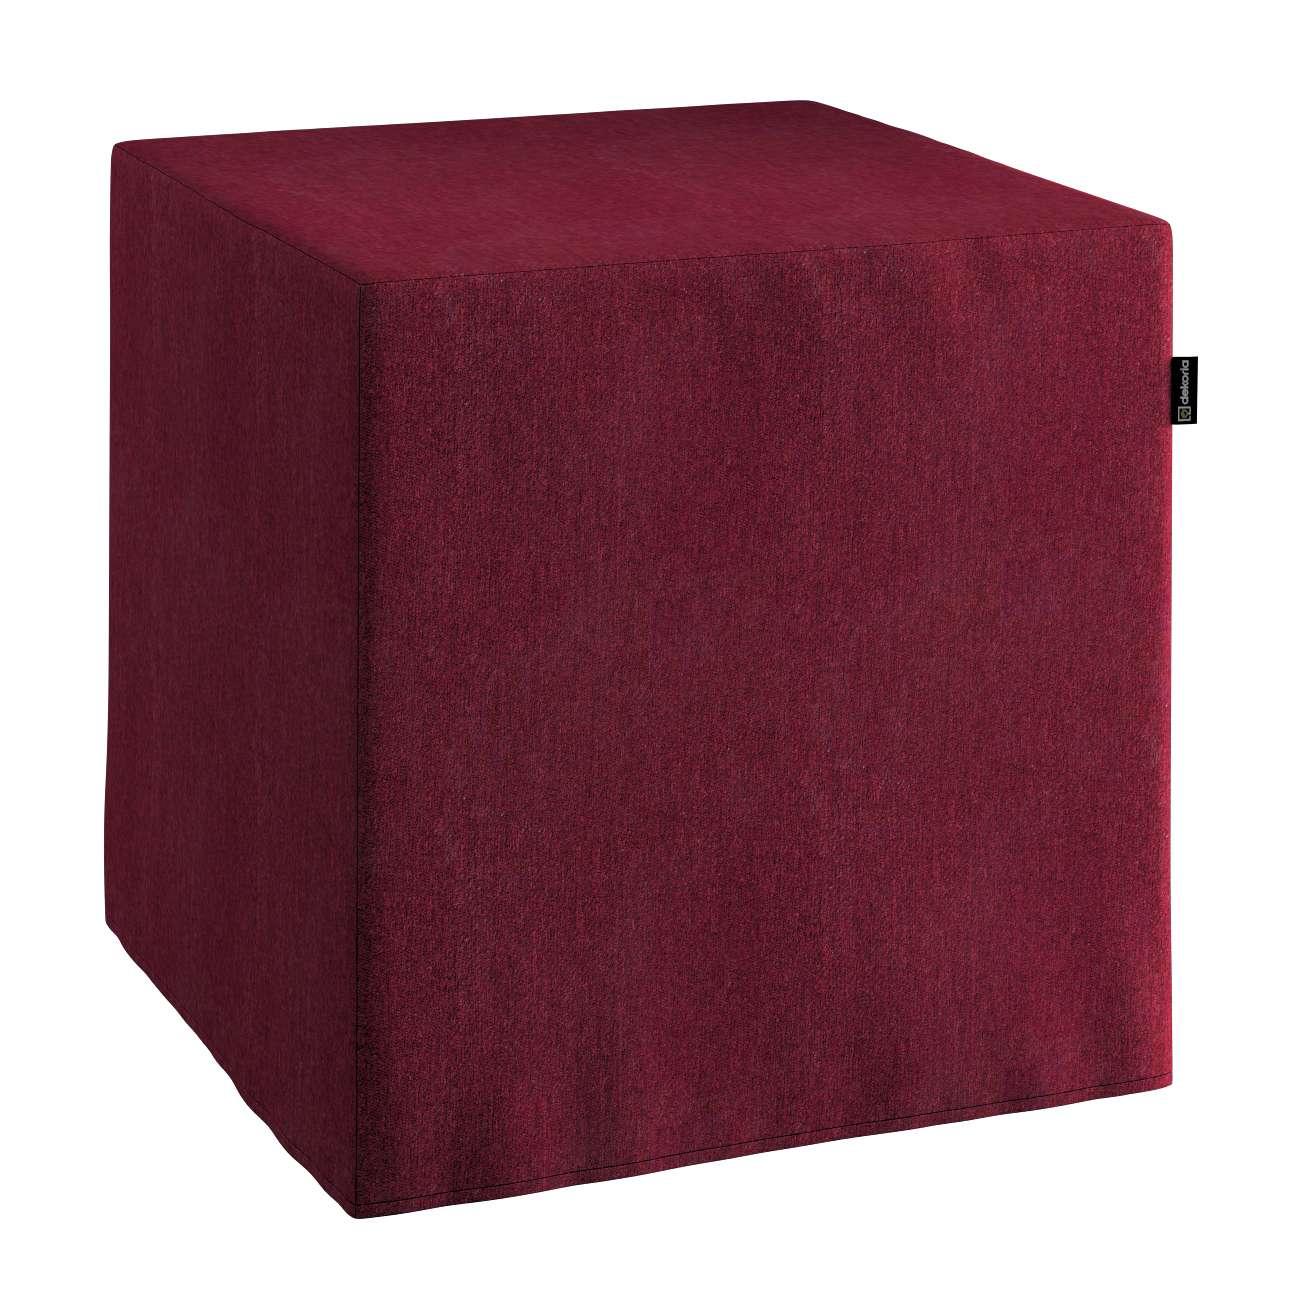 Pufo užvalkalas 40x40x40 cm kubas kolekcijoje Chenille, audinys: 702-19